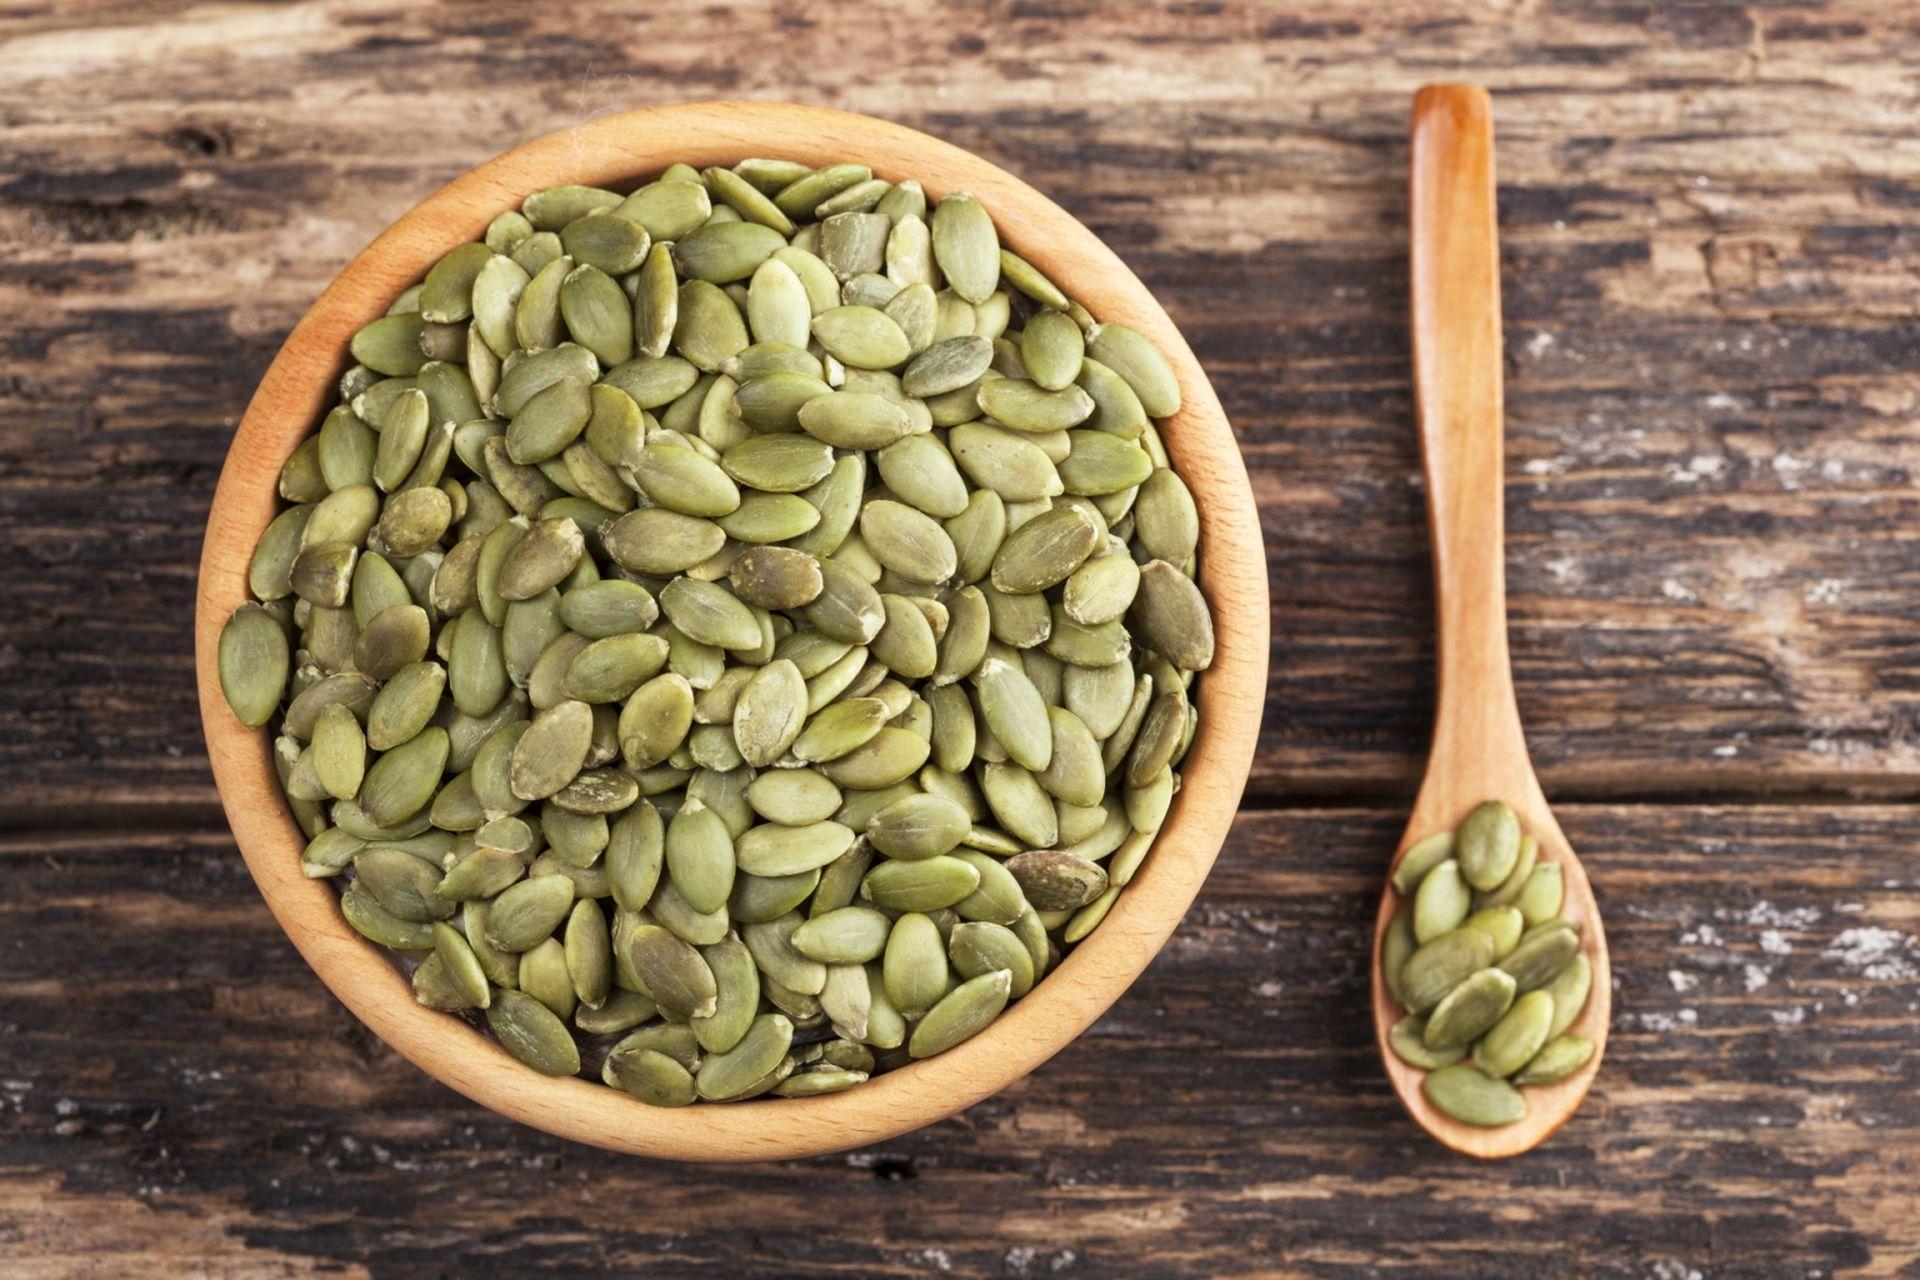 Pestki, nasiona i niektóre oleje roślinne to źródło niewielkiej ilości steroli roślinnych - jak obniżyć cholesterol? Wprowadź zdrowy styl życia, zbilansowaną dietę i żywność funkcjonalną ze sterolami roślinnymi.